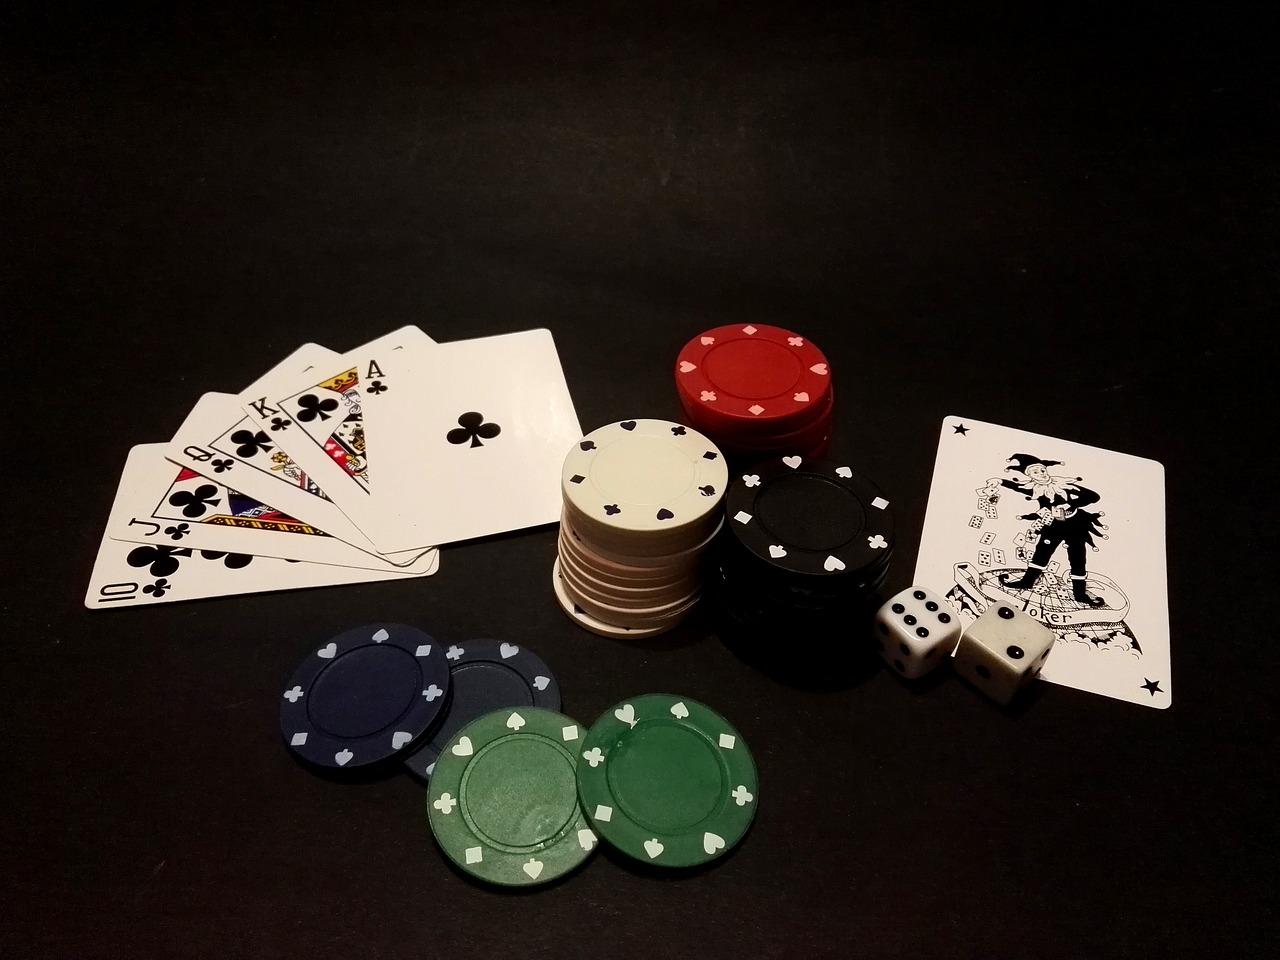 kartochnie-igri-kazino-besplatno